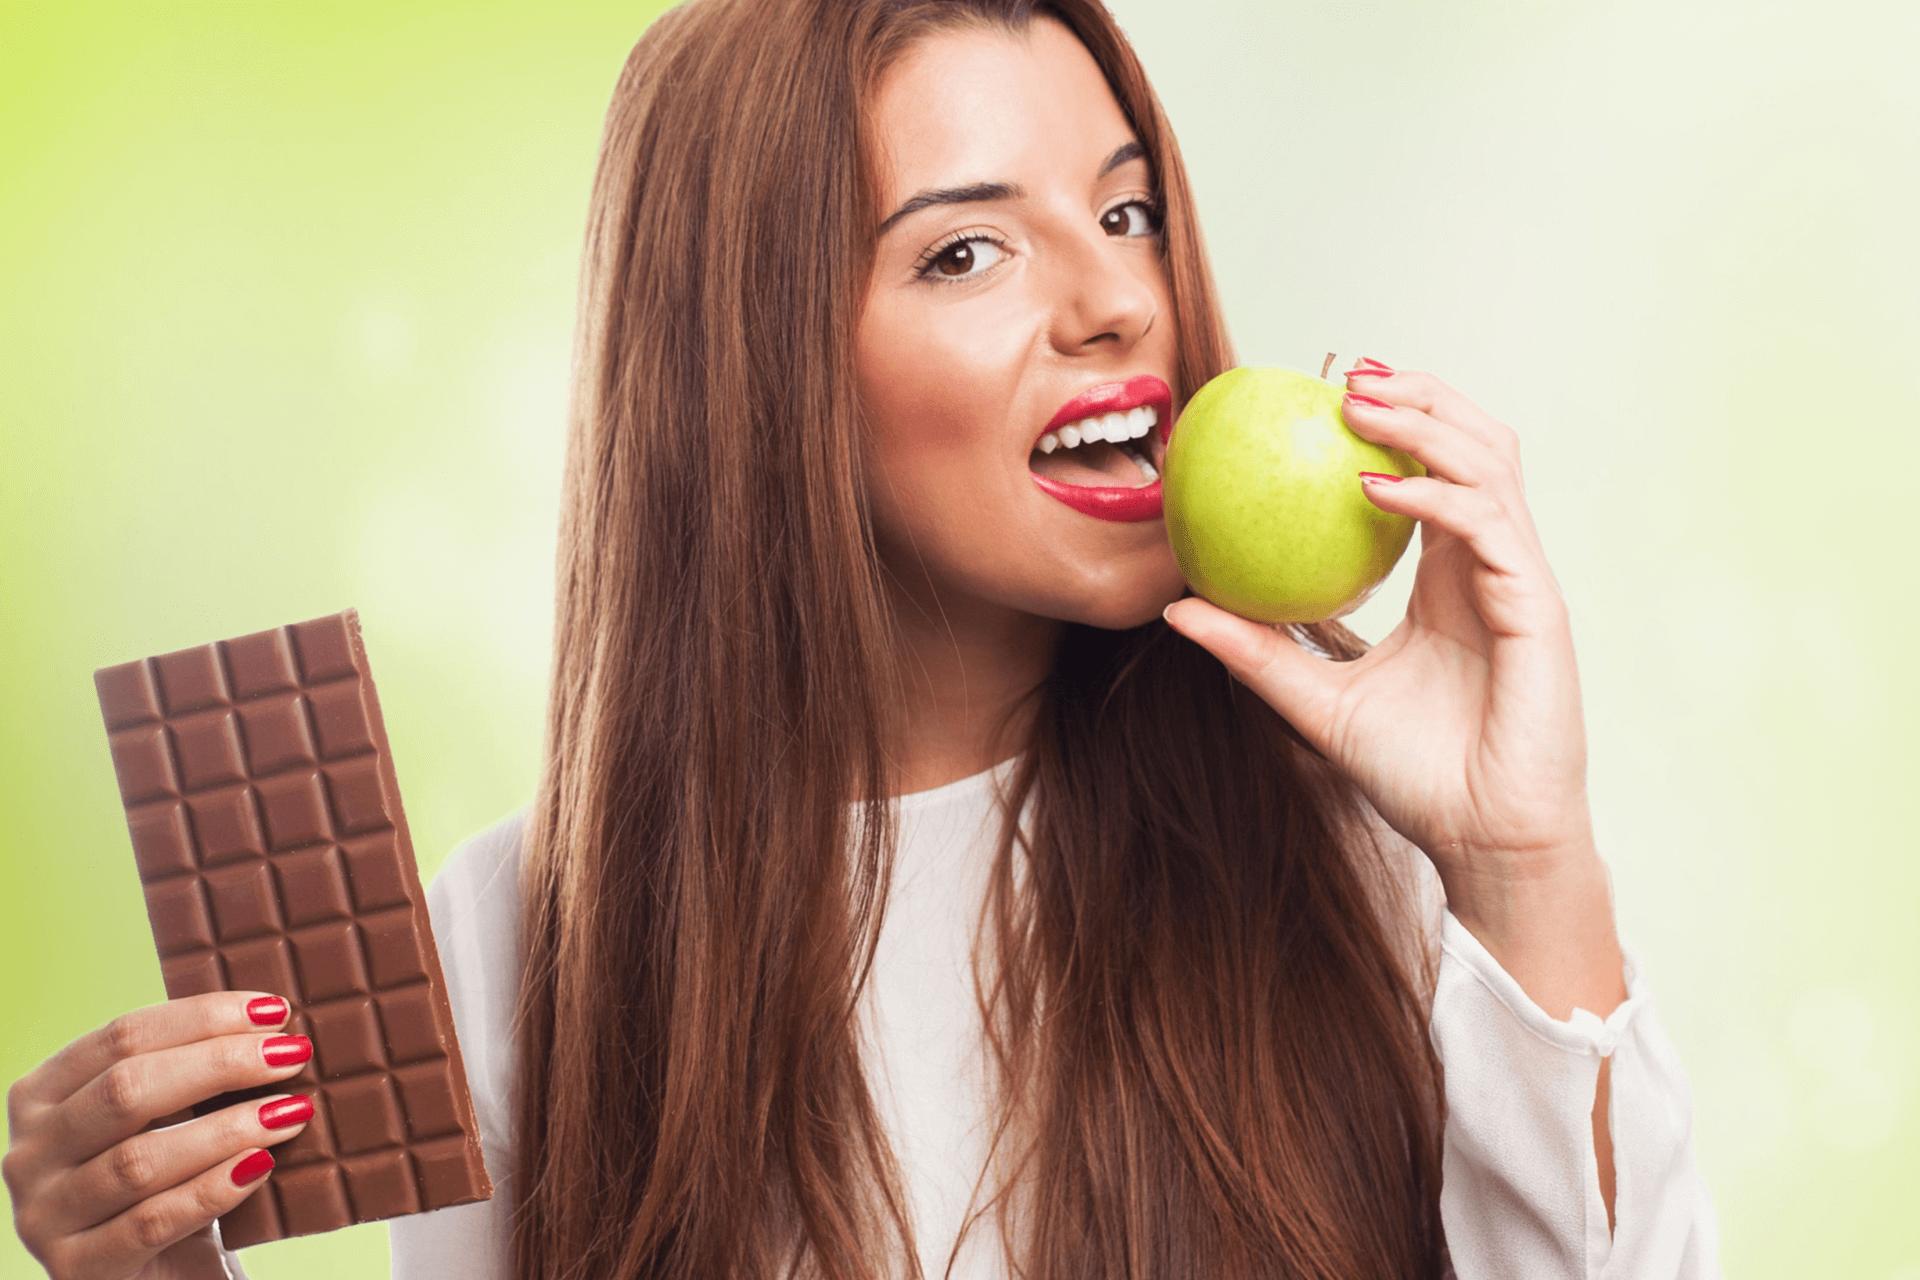 Você não resiste a guloseimas? 07 dicas para você controlar a compulsão por doces